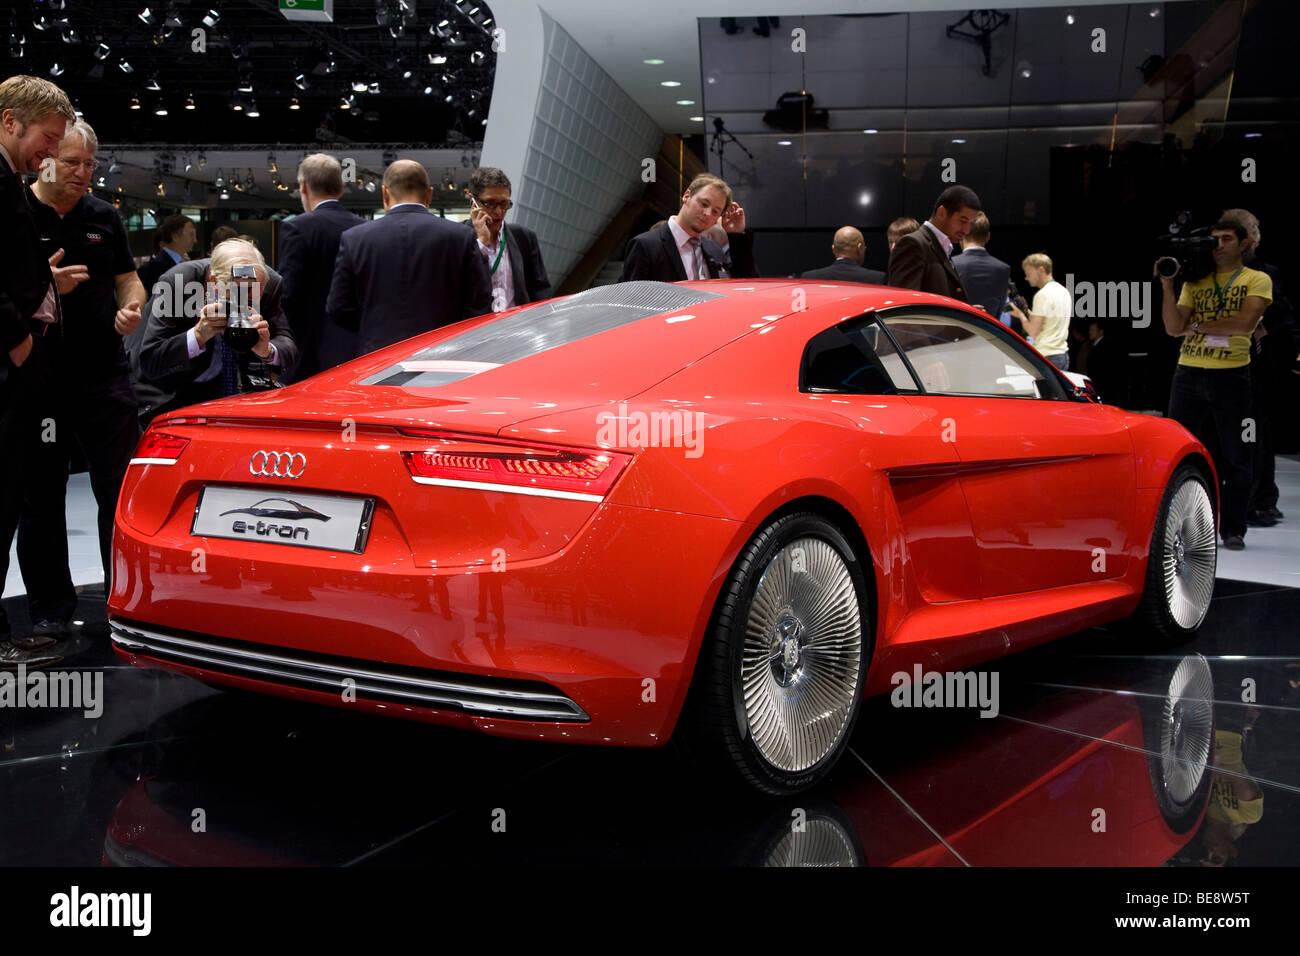 Audi R8 E-tron auto elettrica a livello europeo motor show Immagini Stock